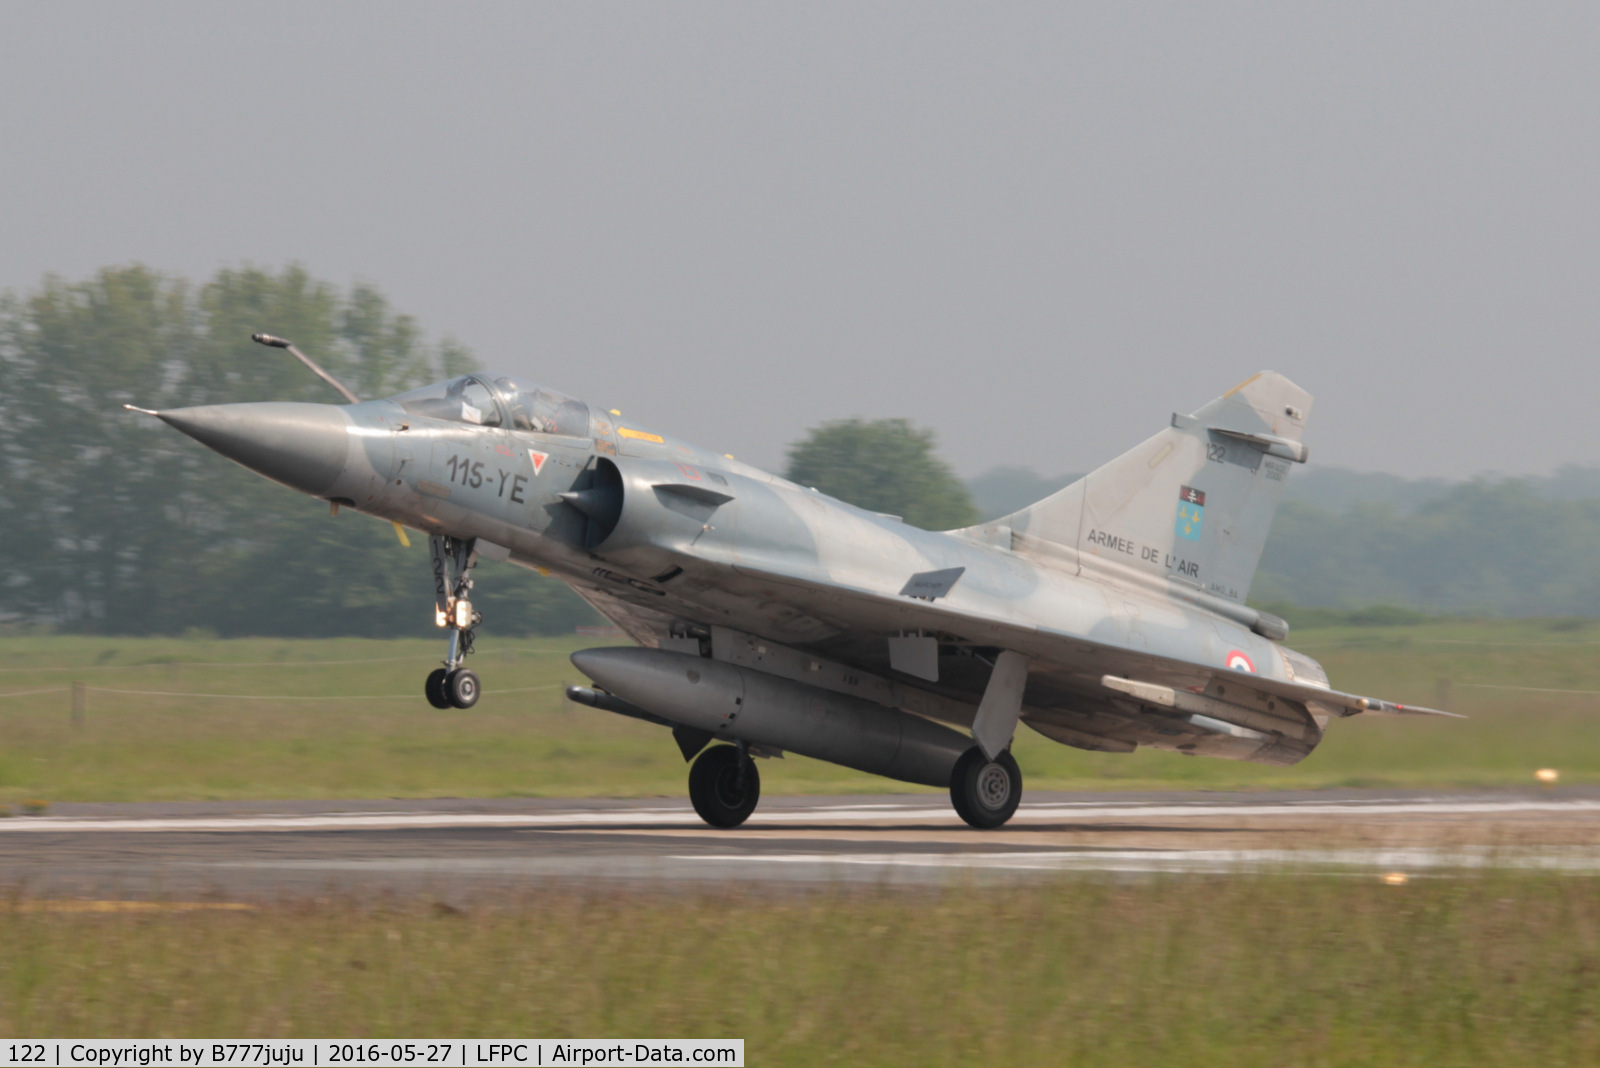 122, Dassault Mirage 2000C C/N 405, at Creil with new code 115-YE